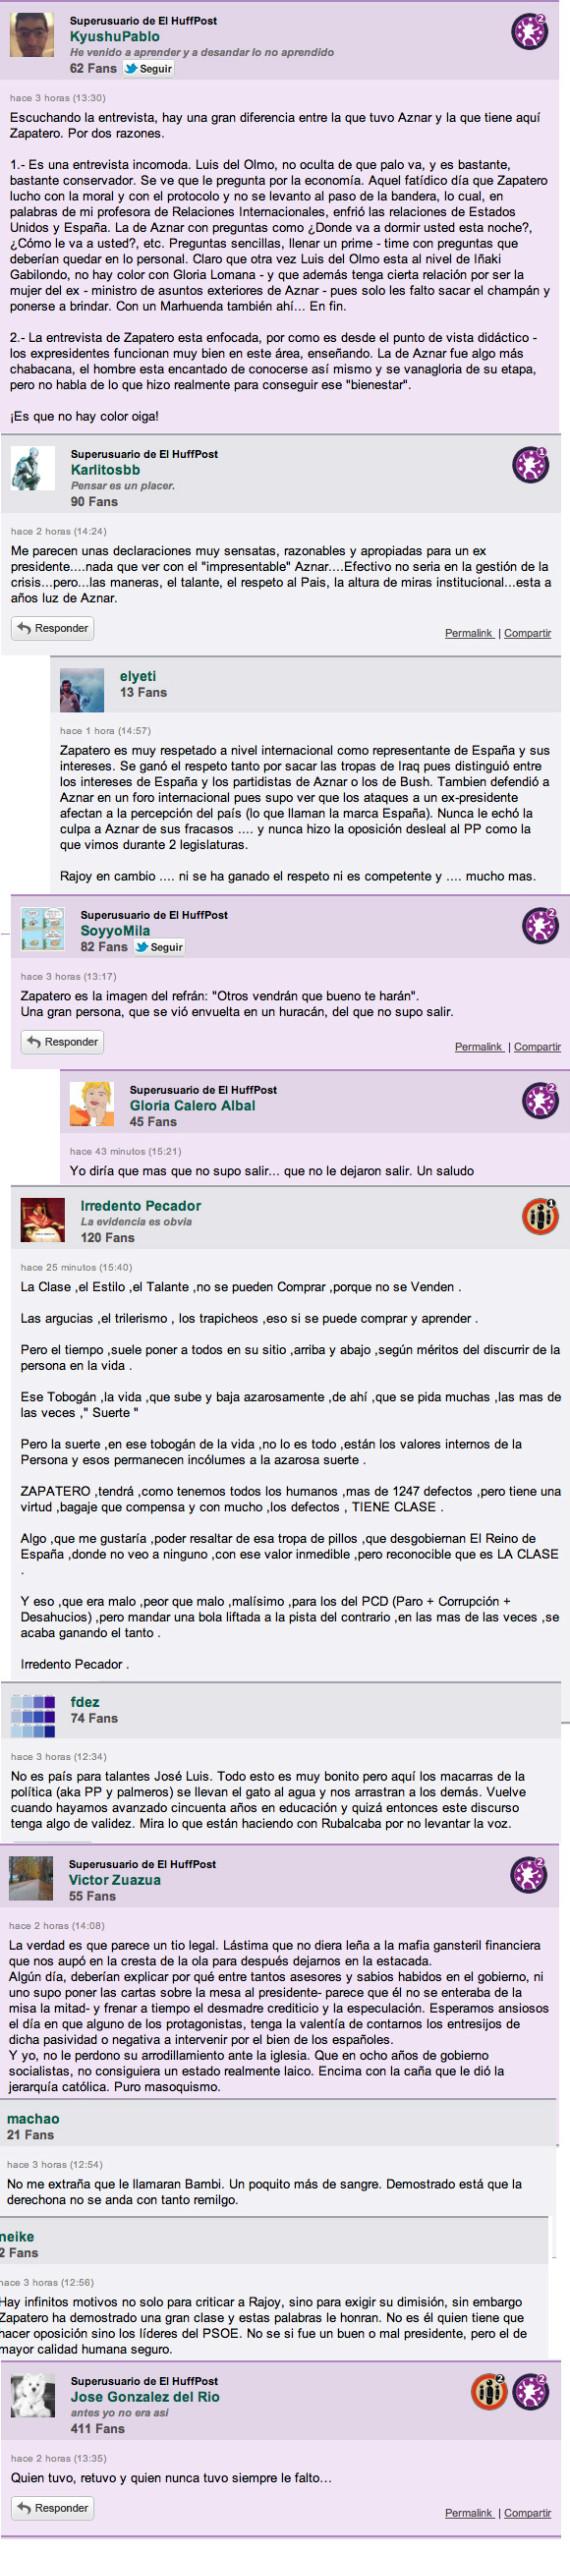 zapatero declaraciones comentarios